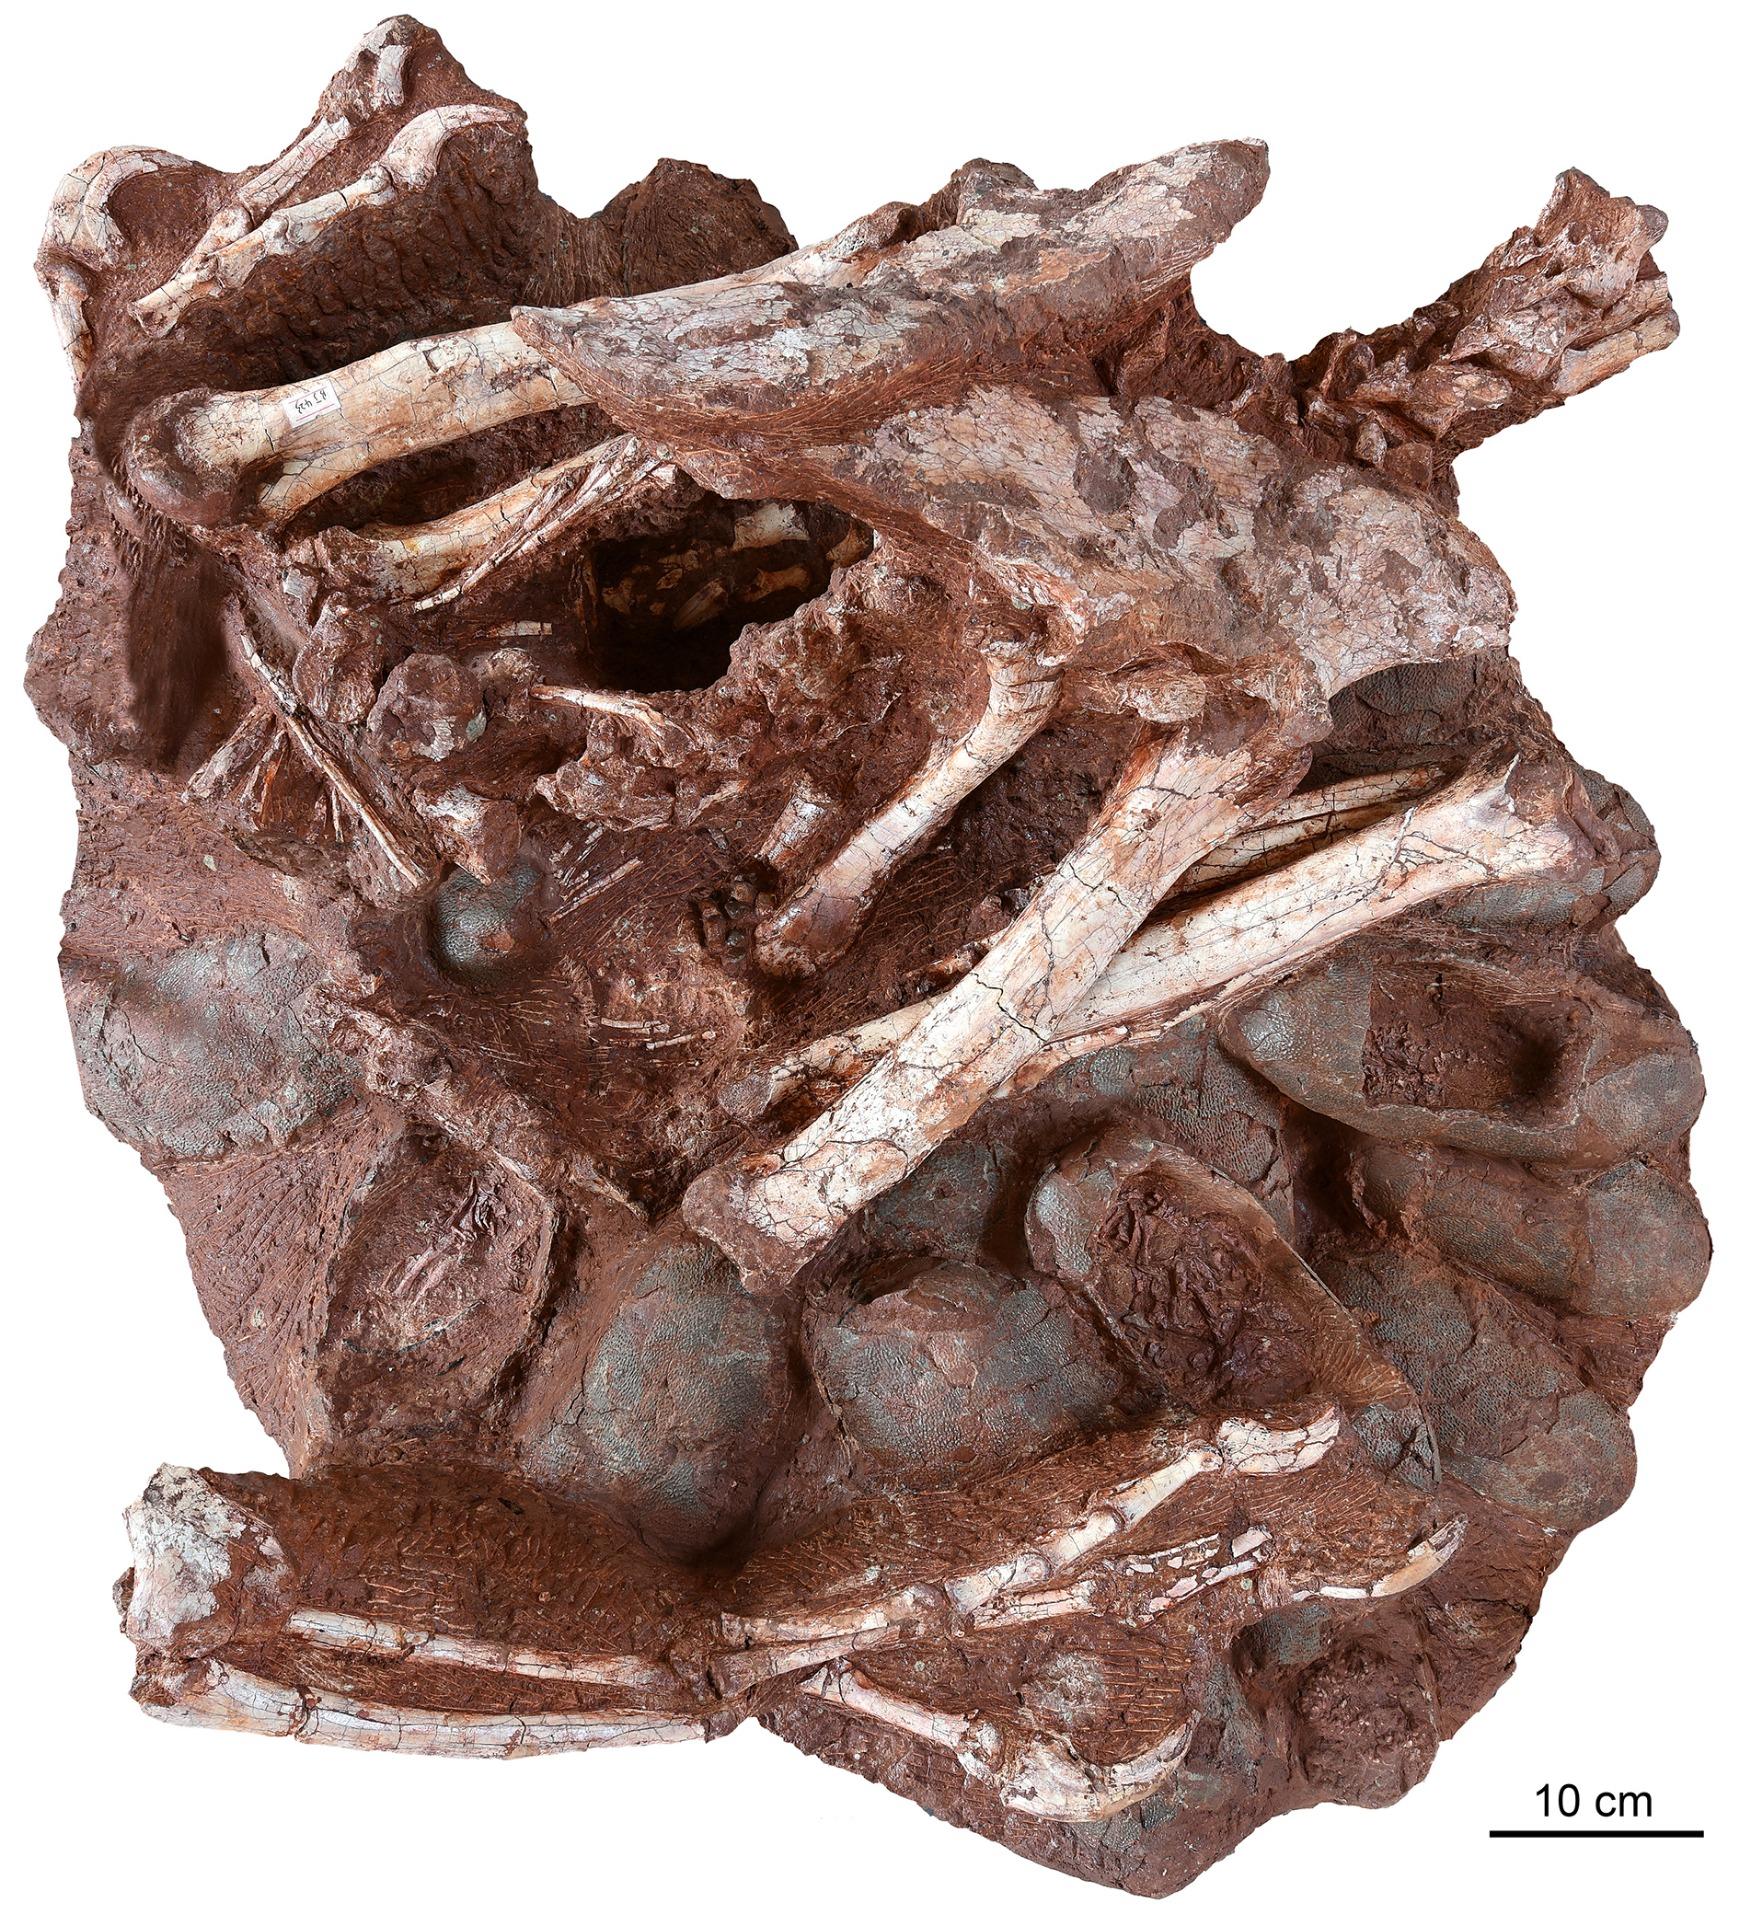 中国で7千万年前の抱卵する恐竜の化石見つかる